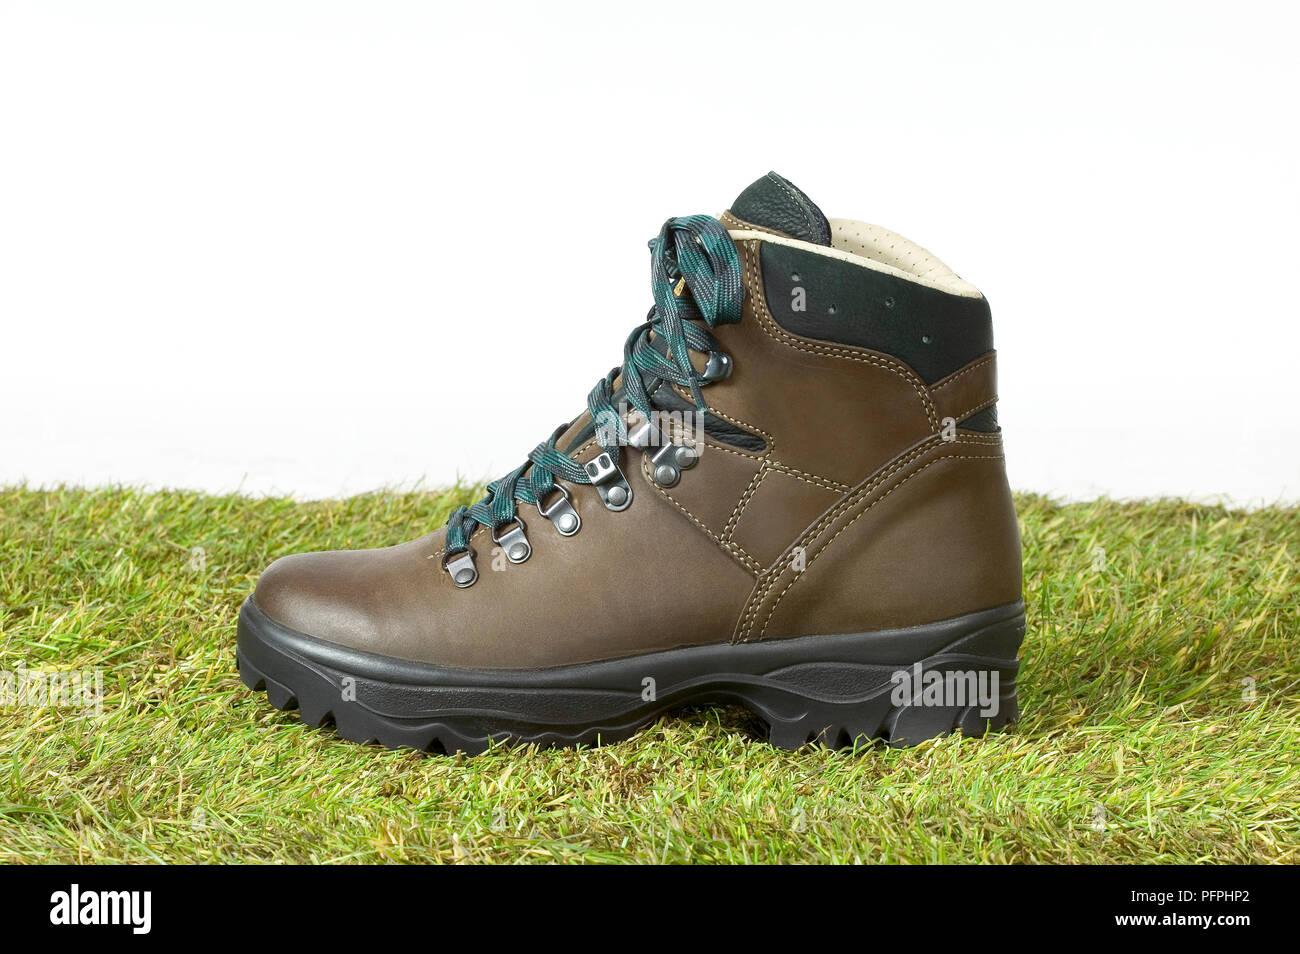 Brown randonnées boot sur grass, close-up Banque D'Images